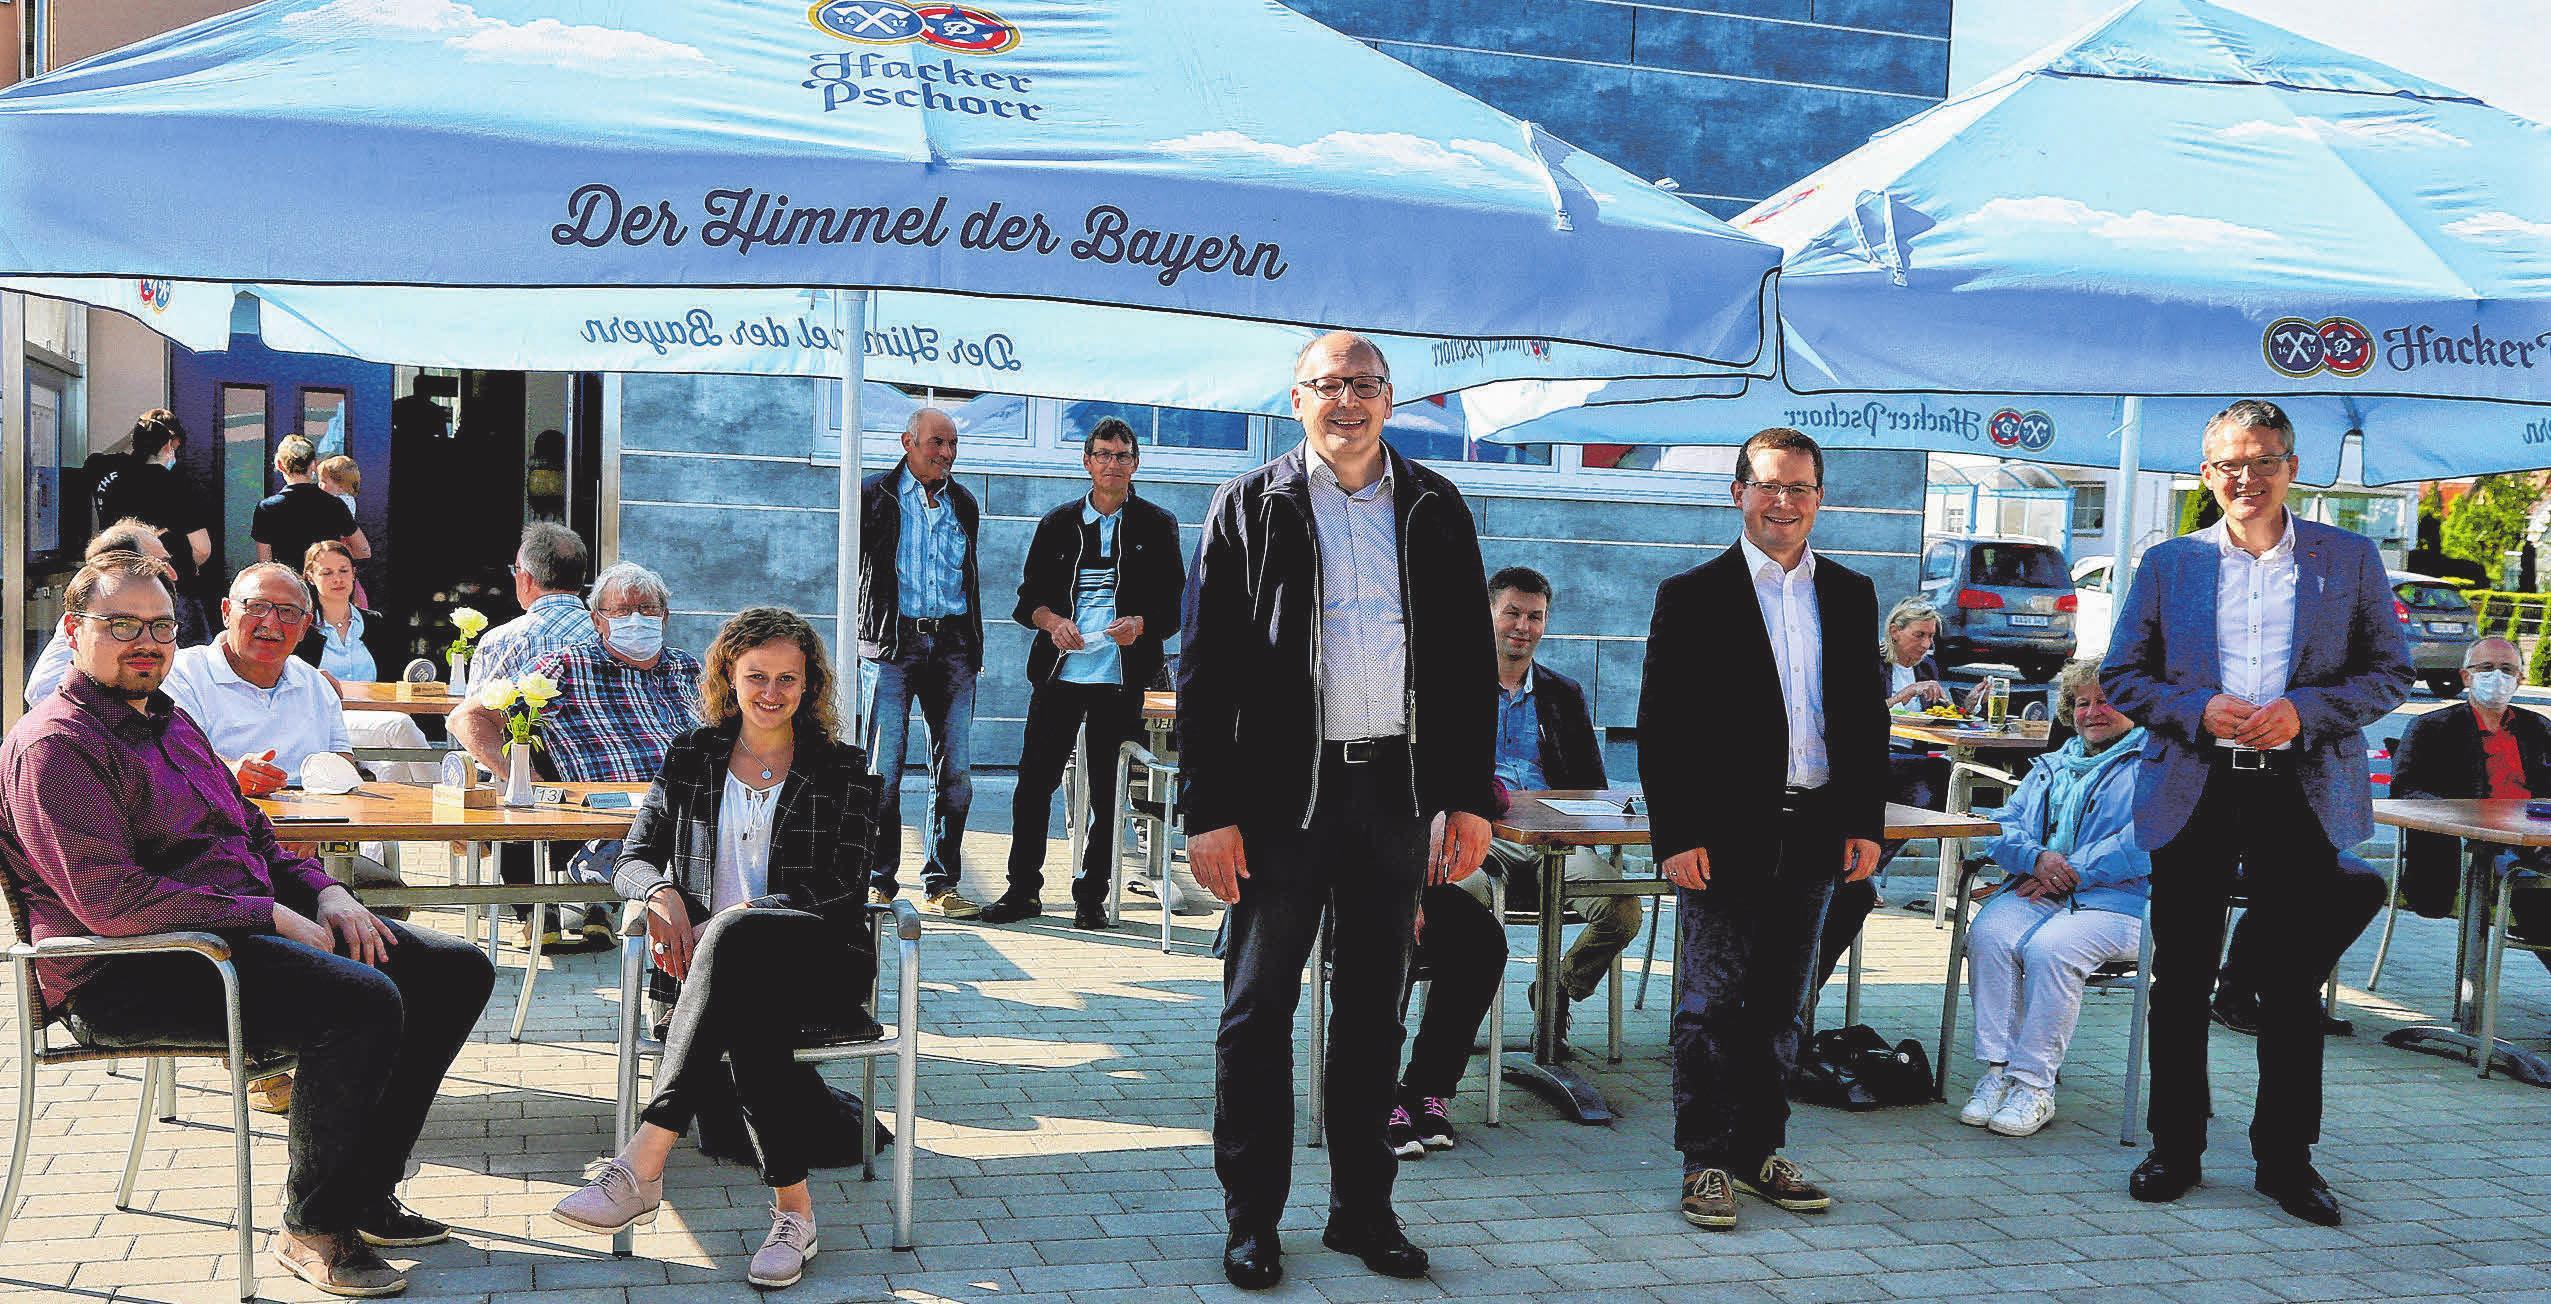 Der ehemalige Bürgermeister Nikolaus Ebert, sein Nachfolger Johannes Joas und Bundestagsabgeordneter Roderich Kiesewetter (vorne von rechts) sowie Mitglieder des Gemeinderats Unterschneidheim waren eine der ersten Besucher des neuen Biergartens vom Platzwirt. FOTO: HAFI